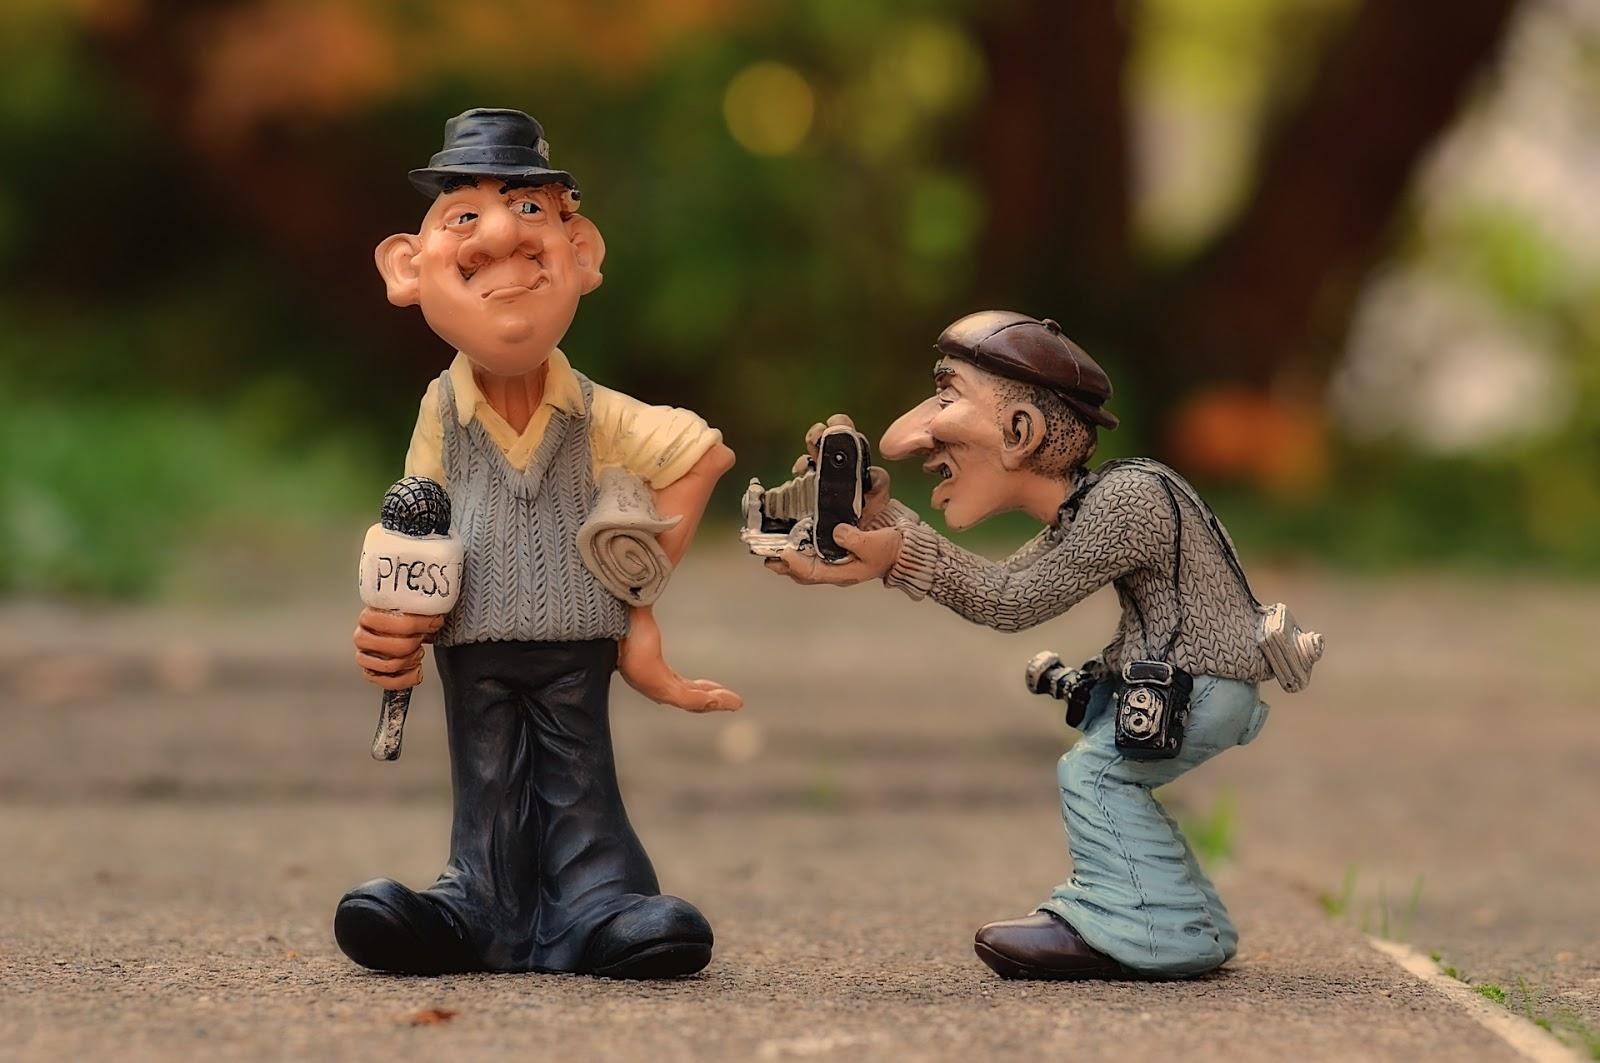 Periodistas y empresas. Cómo actuar unos con otros